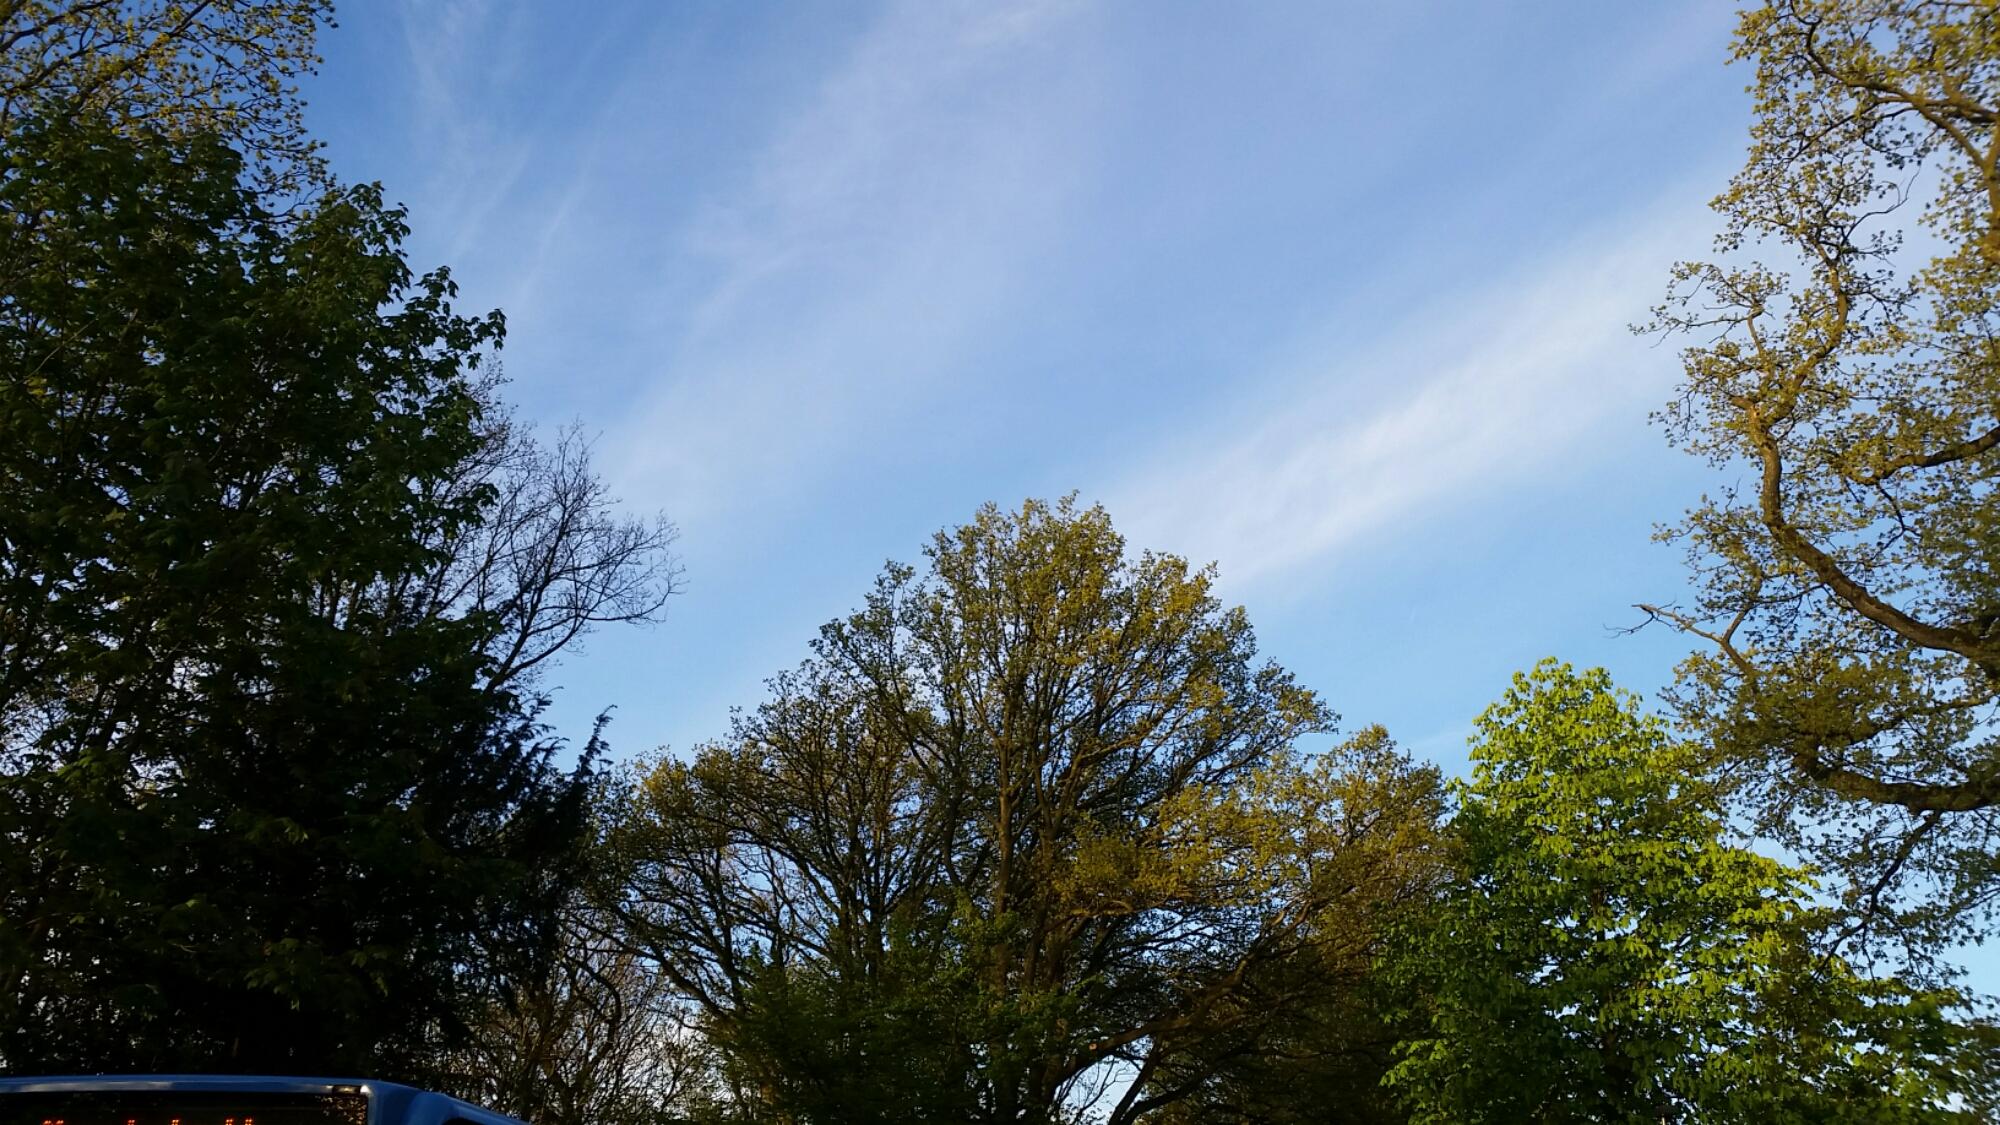 Wald mit blauem Himmel